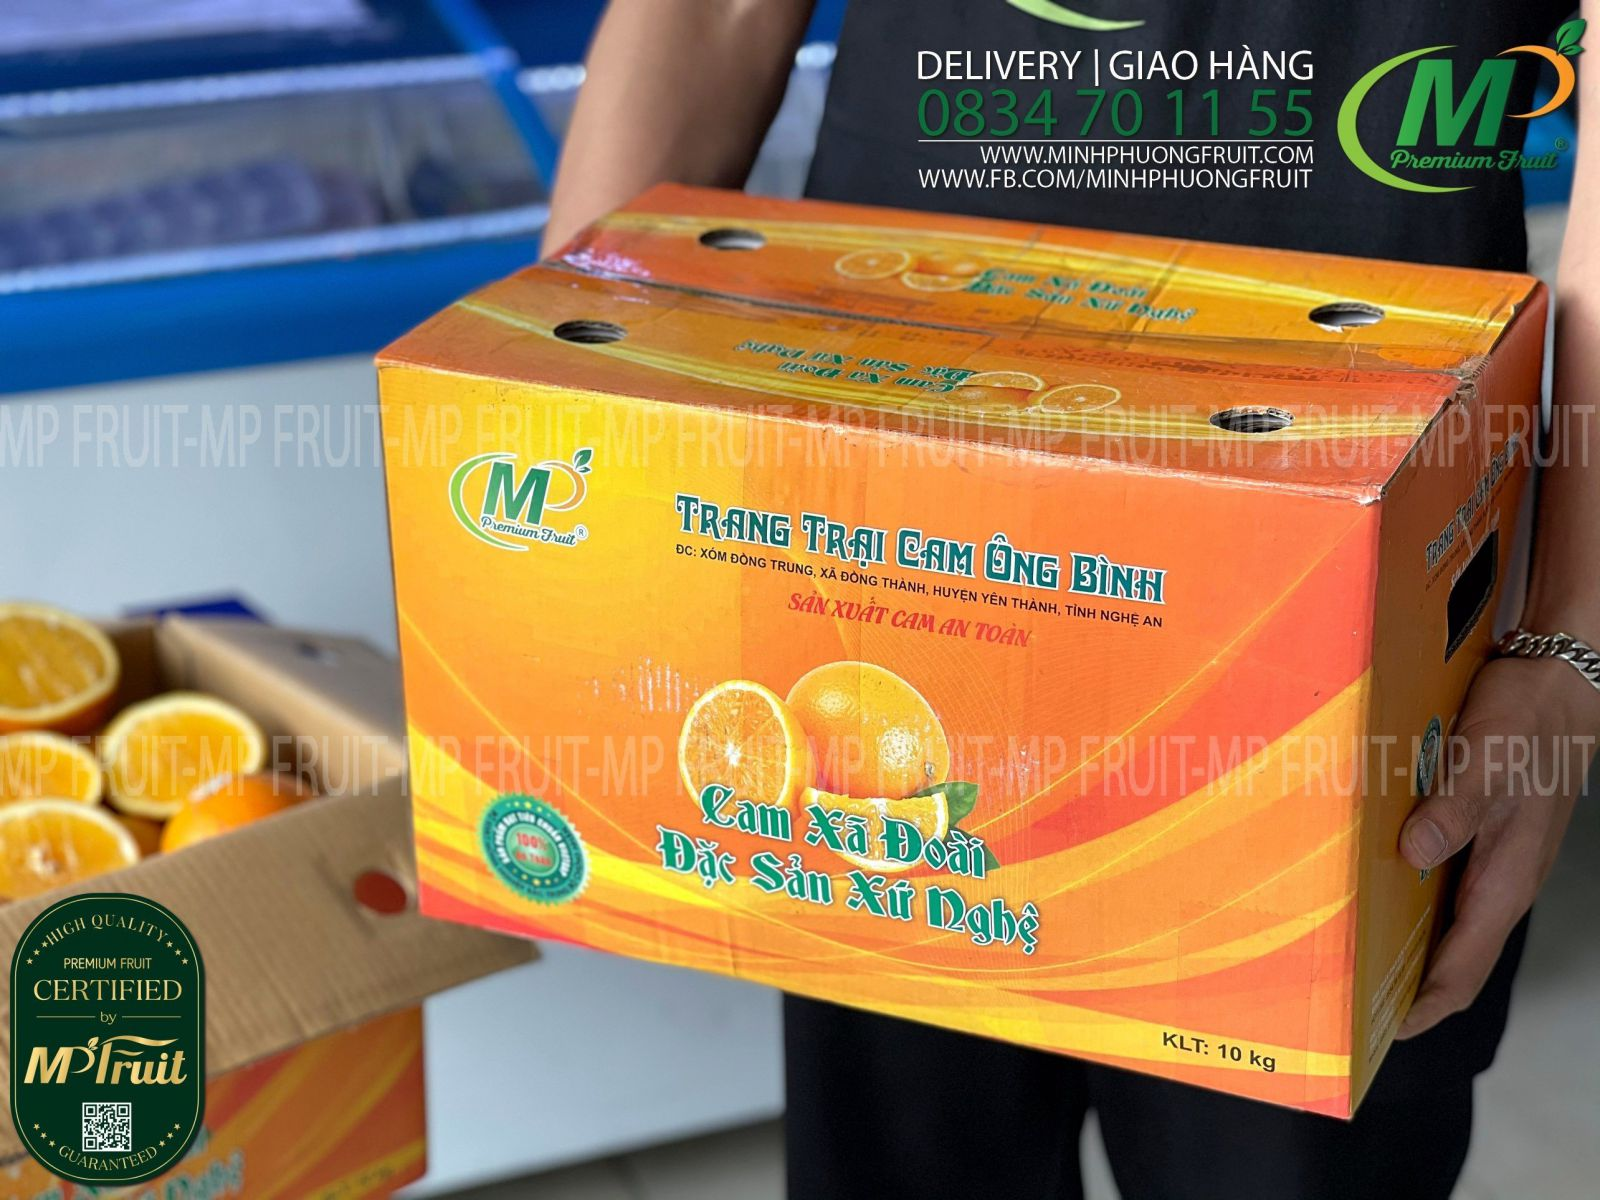 Cam Xã Đoài Nghệ An Trang Trại Ông Bình tại MP Fruits